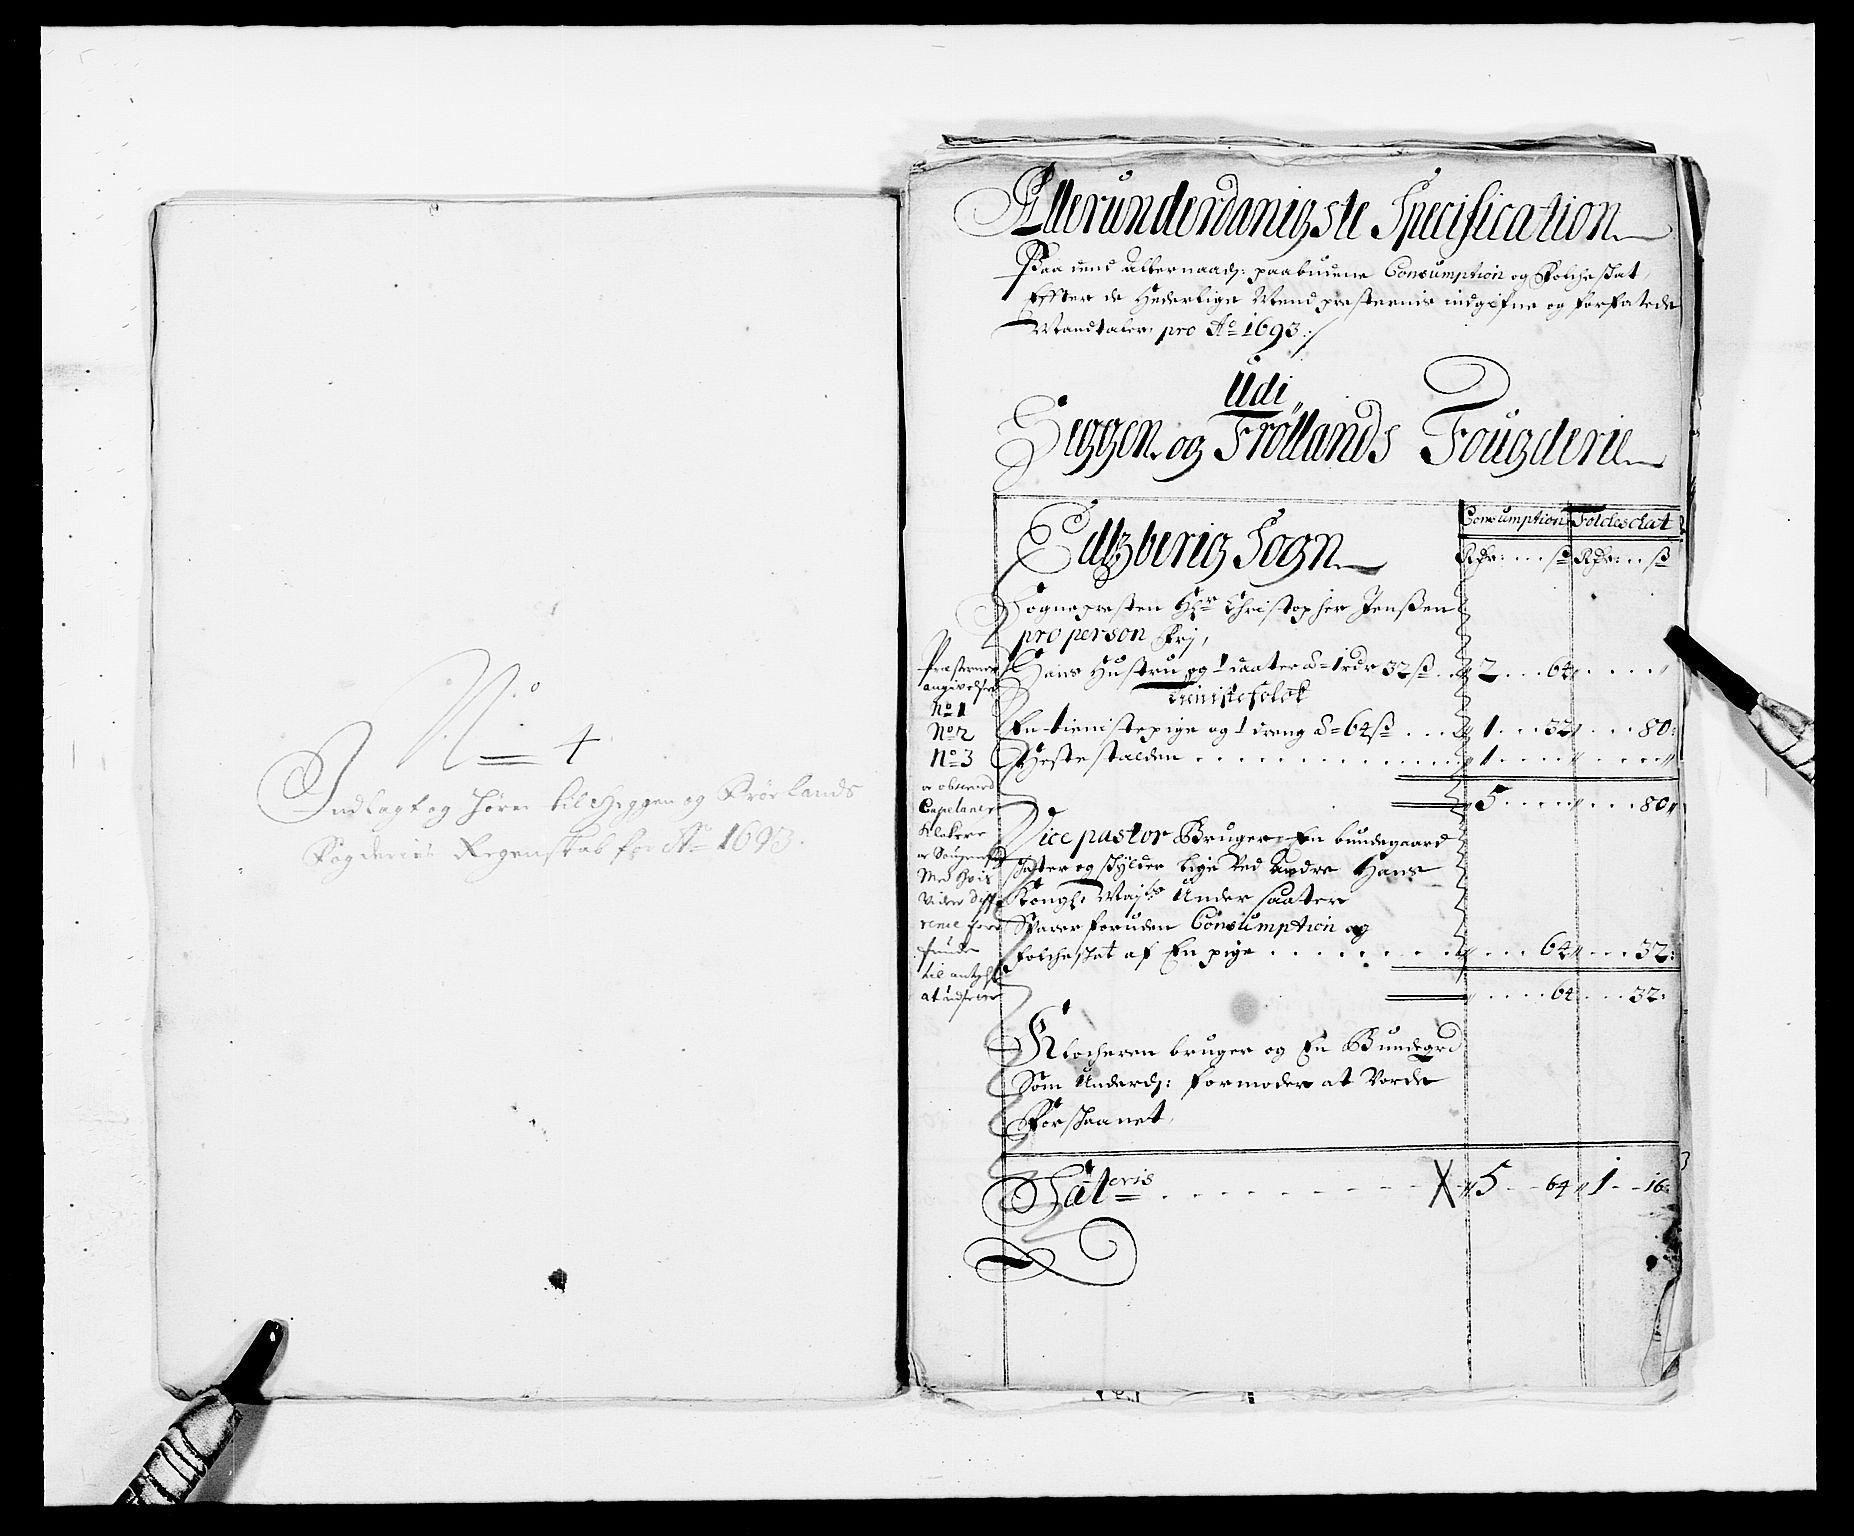 RA, Rentekammeret inntil 1814, Reviderte regnskaper, Fogderegnskap, R06/L0283: Fogderegnskap Heggen og Frøland, 1691-1693, s. 401